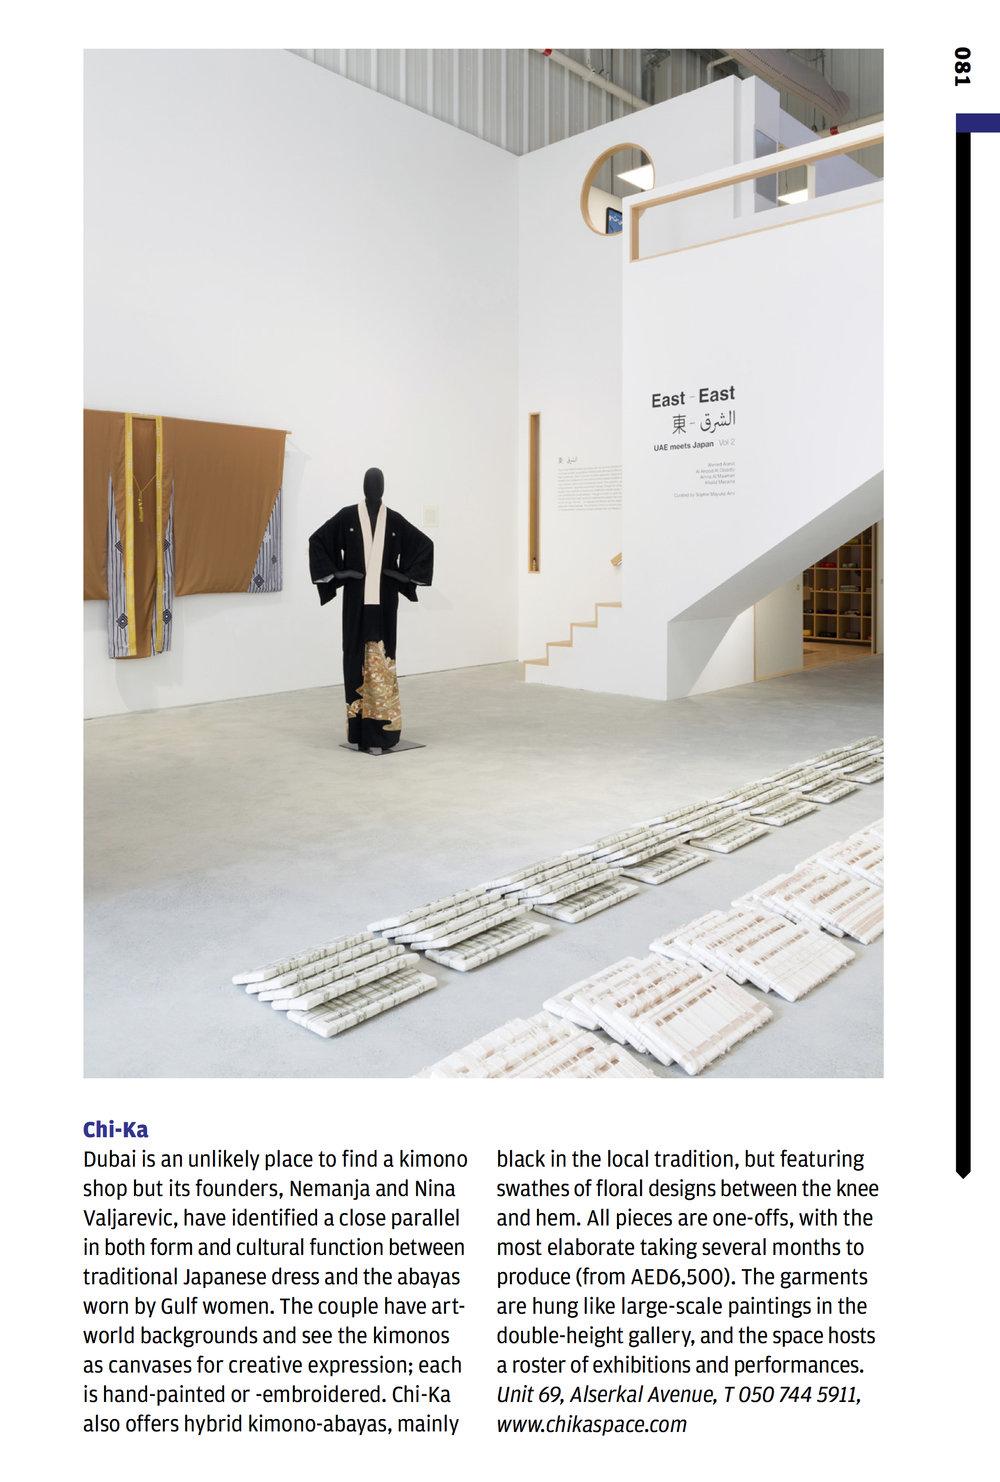 Chi-Ka©Wallpaper*CityGuides2017.jpg